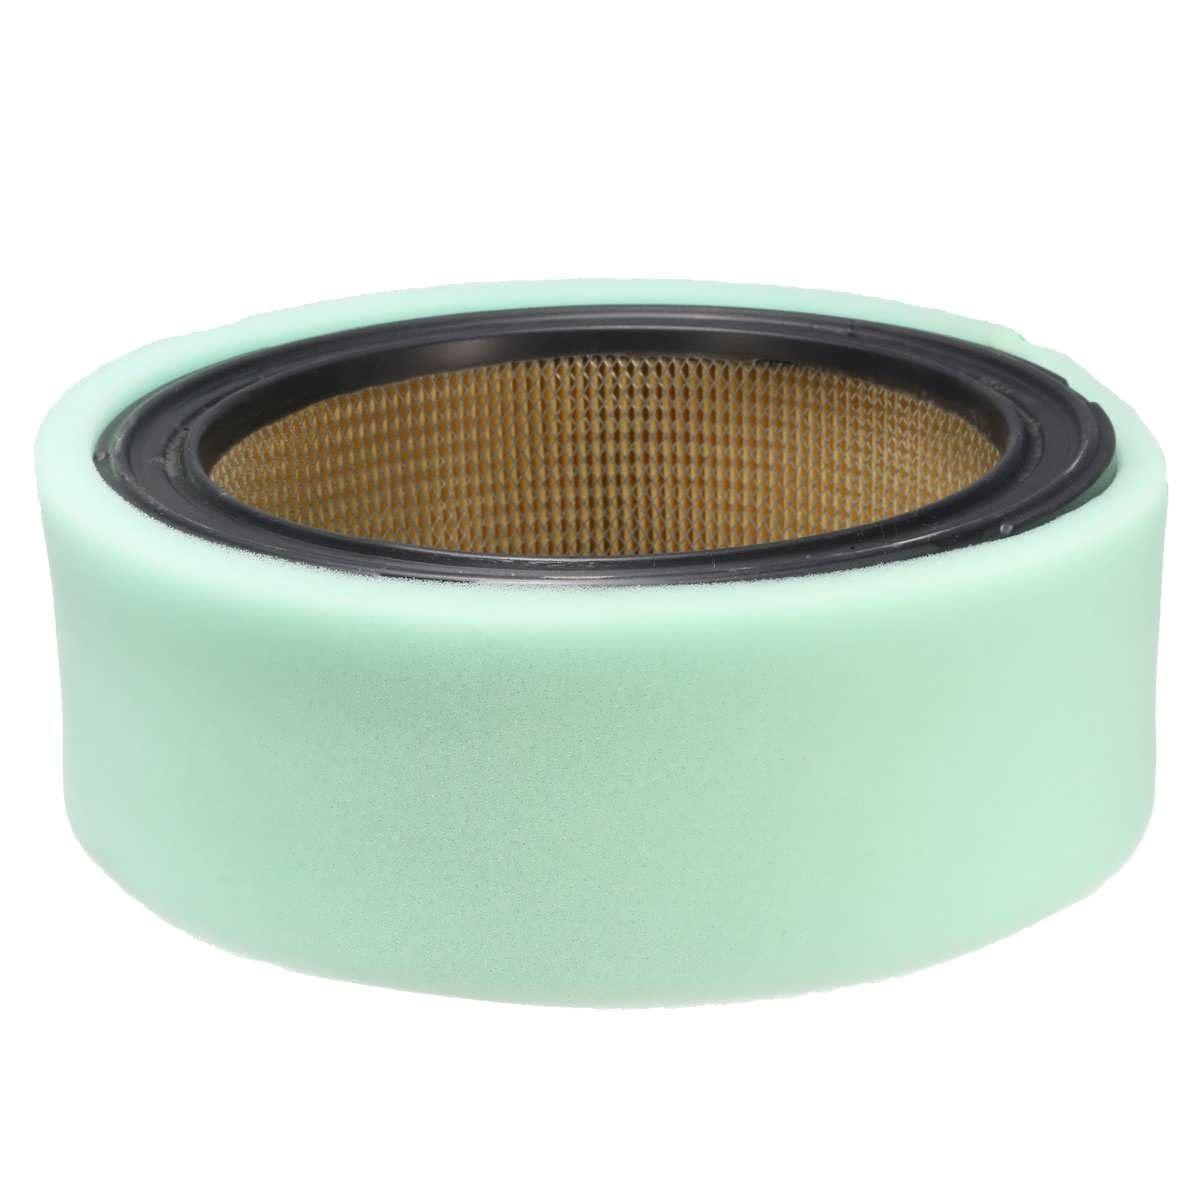 100-016 Round Air Filter Sponge For Kohler John Deere 47 083 03-S1 ...